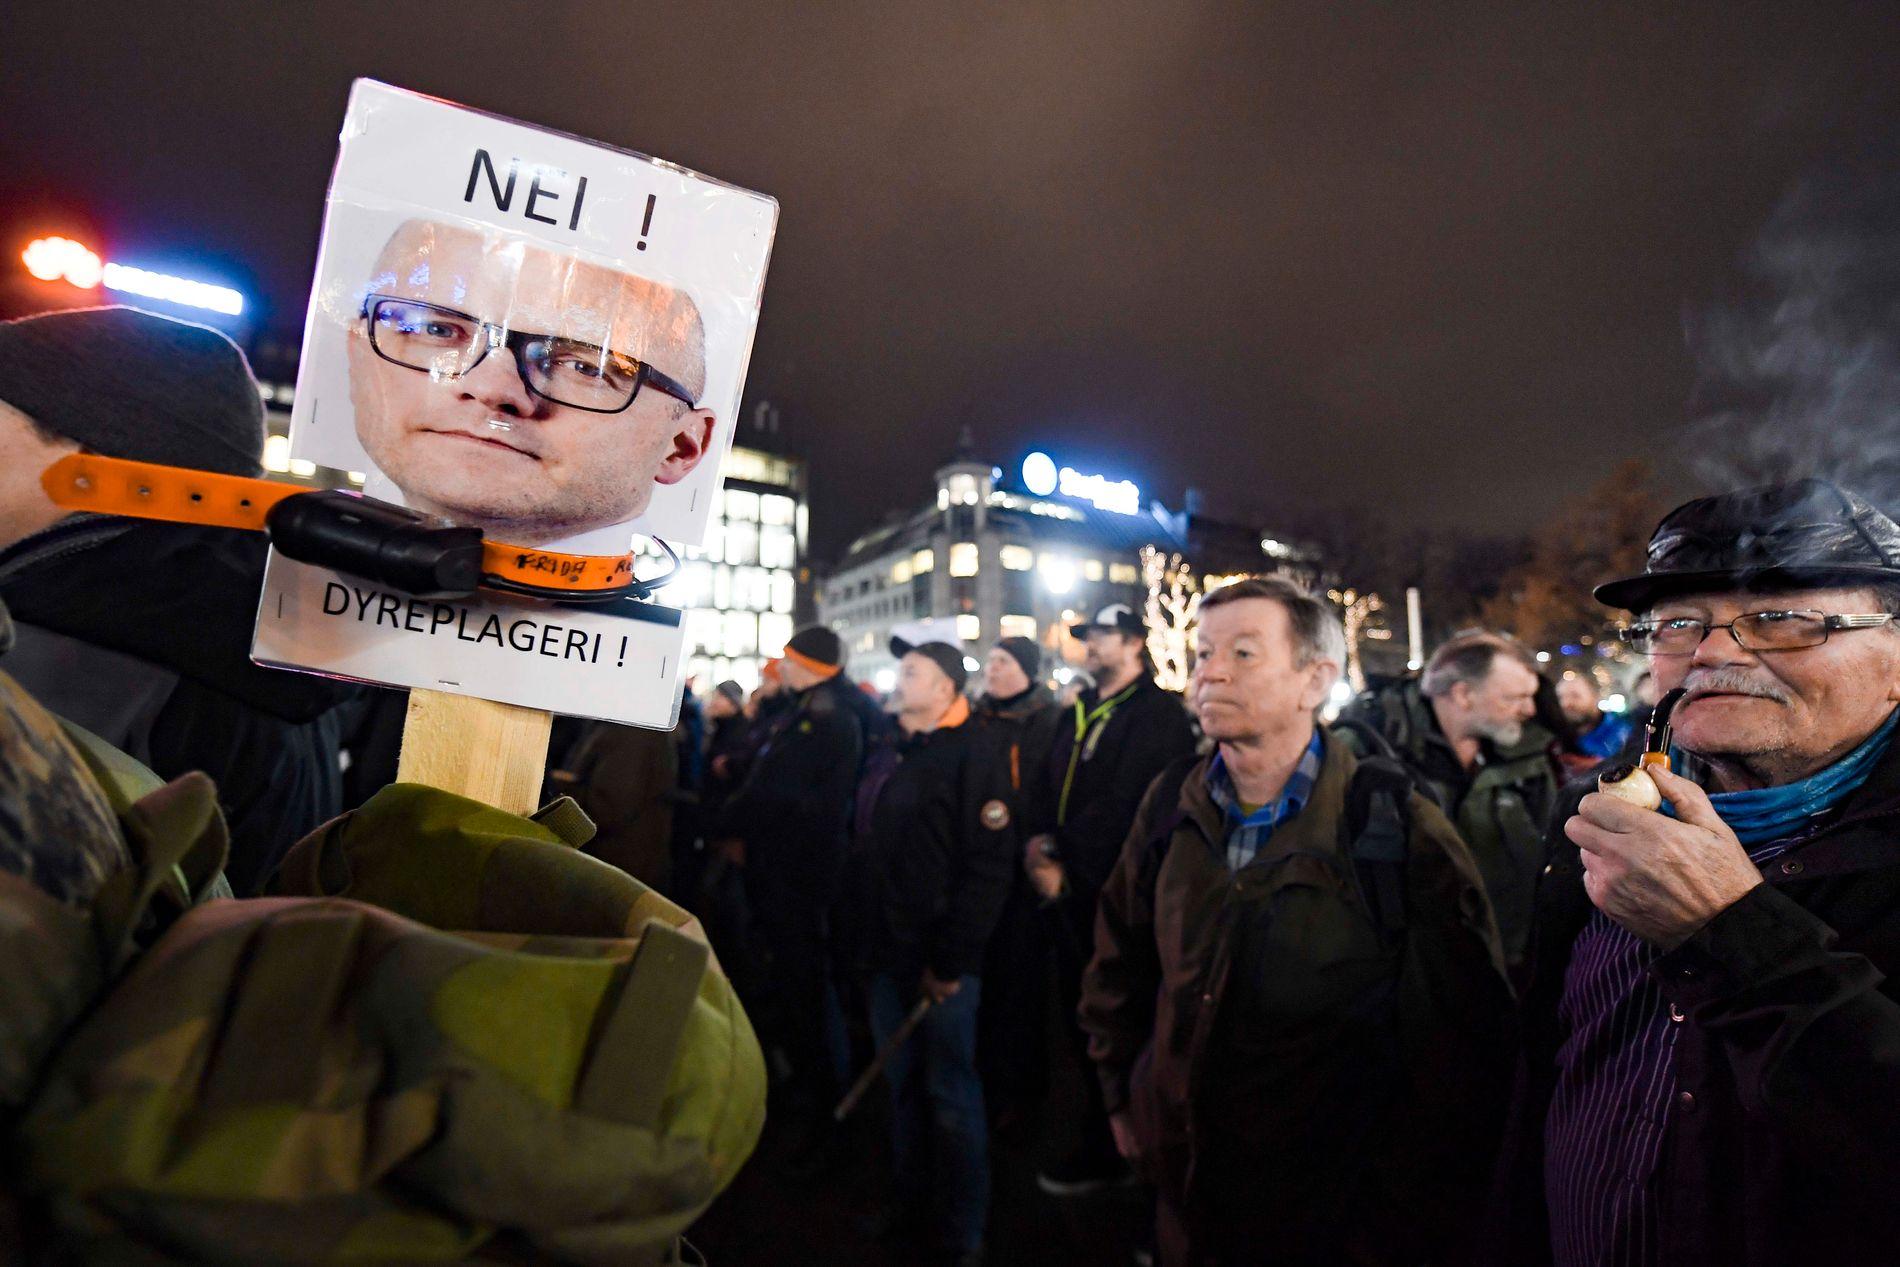 """FAKKELTOG: Rundt 2500 tilhengere av ulvejakt deltok i demonstrasjonen for """"demokratisk ulveforvaltning"""" i Oslo sentrum mandag kveld."""